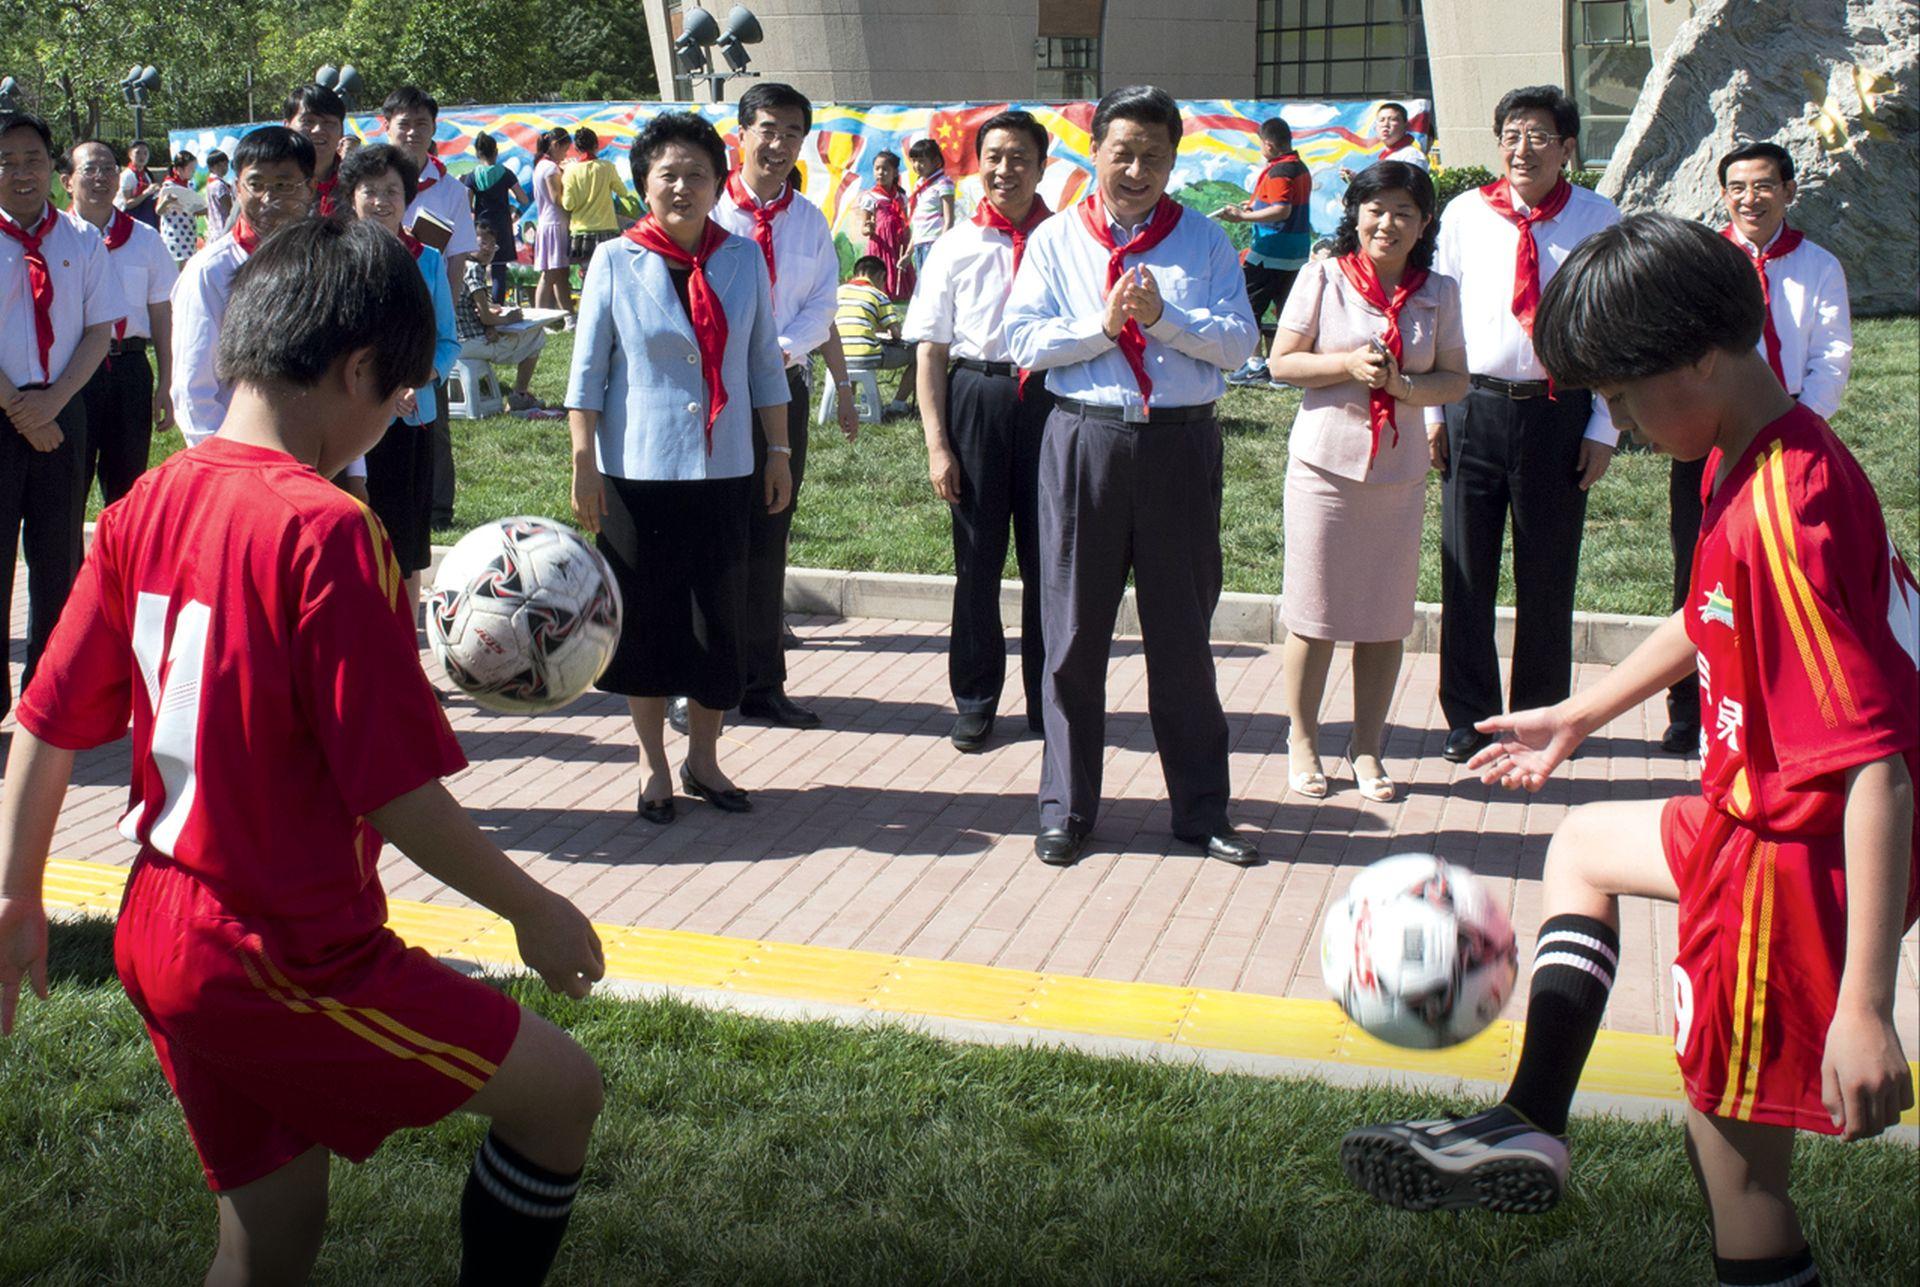 Predsjednik naredio: Kina mora postati nogometna sila